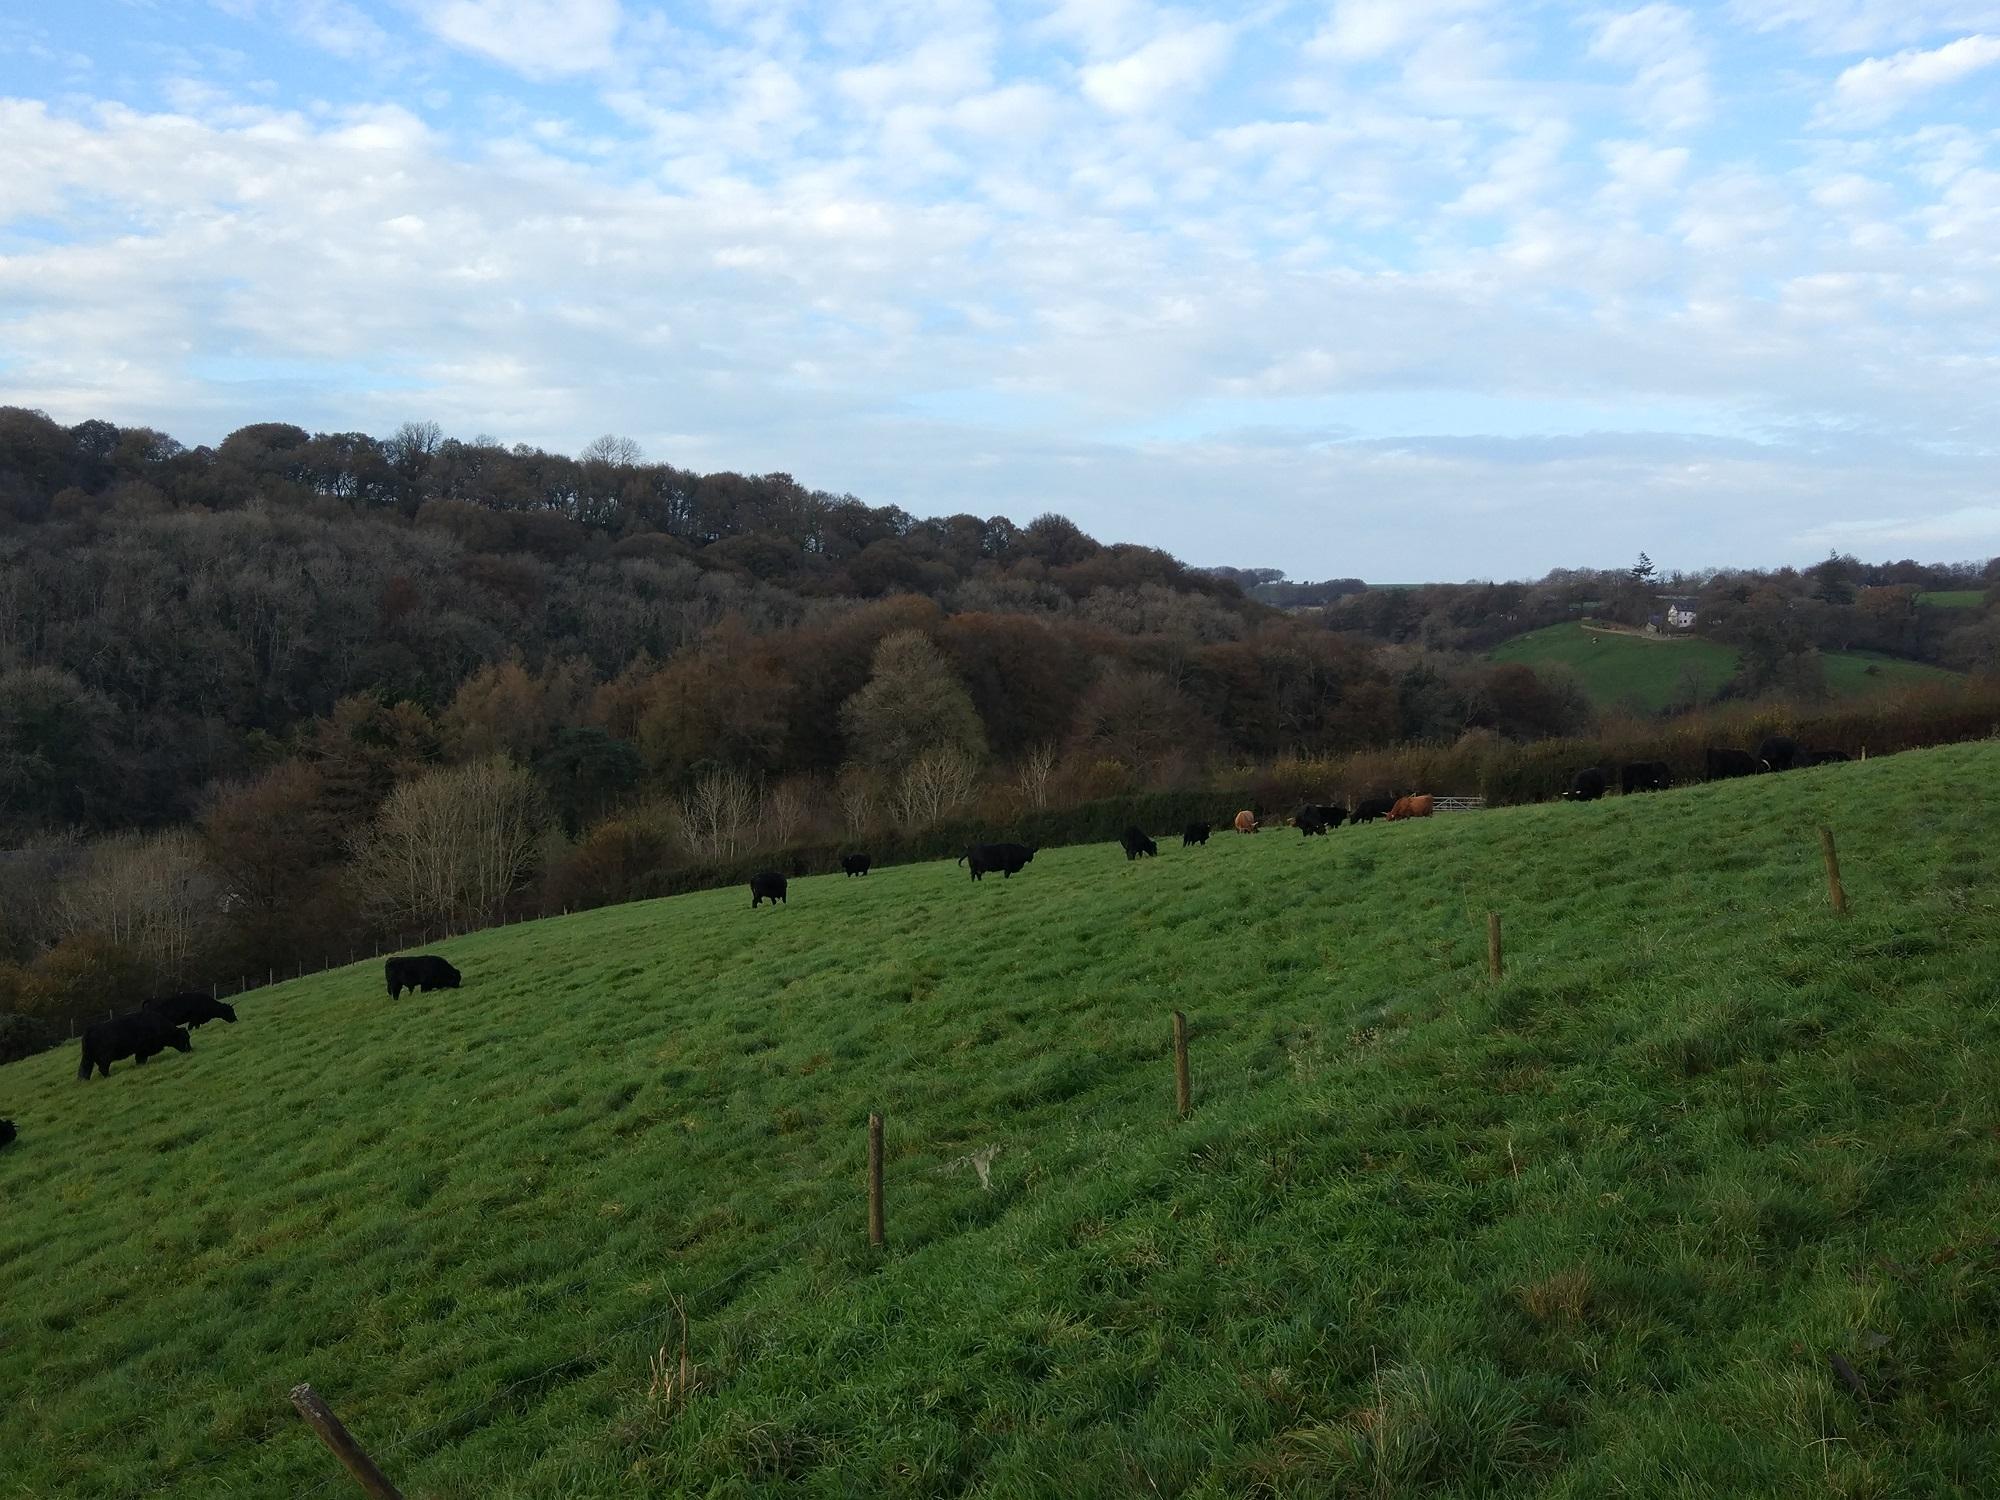 Örökzöld mezők és a farm Welsh Black tehenei